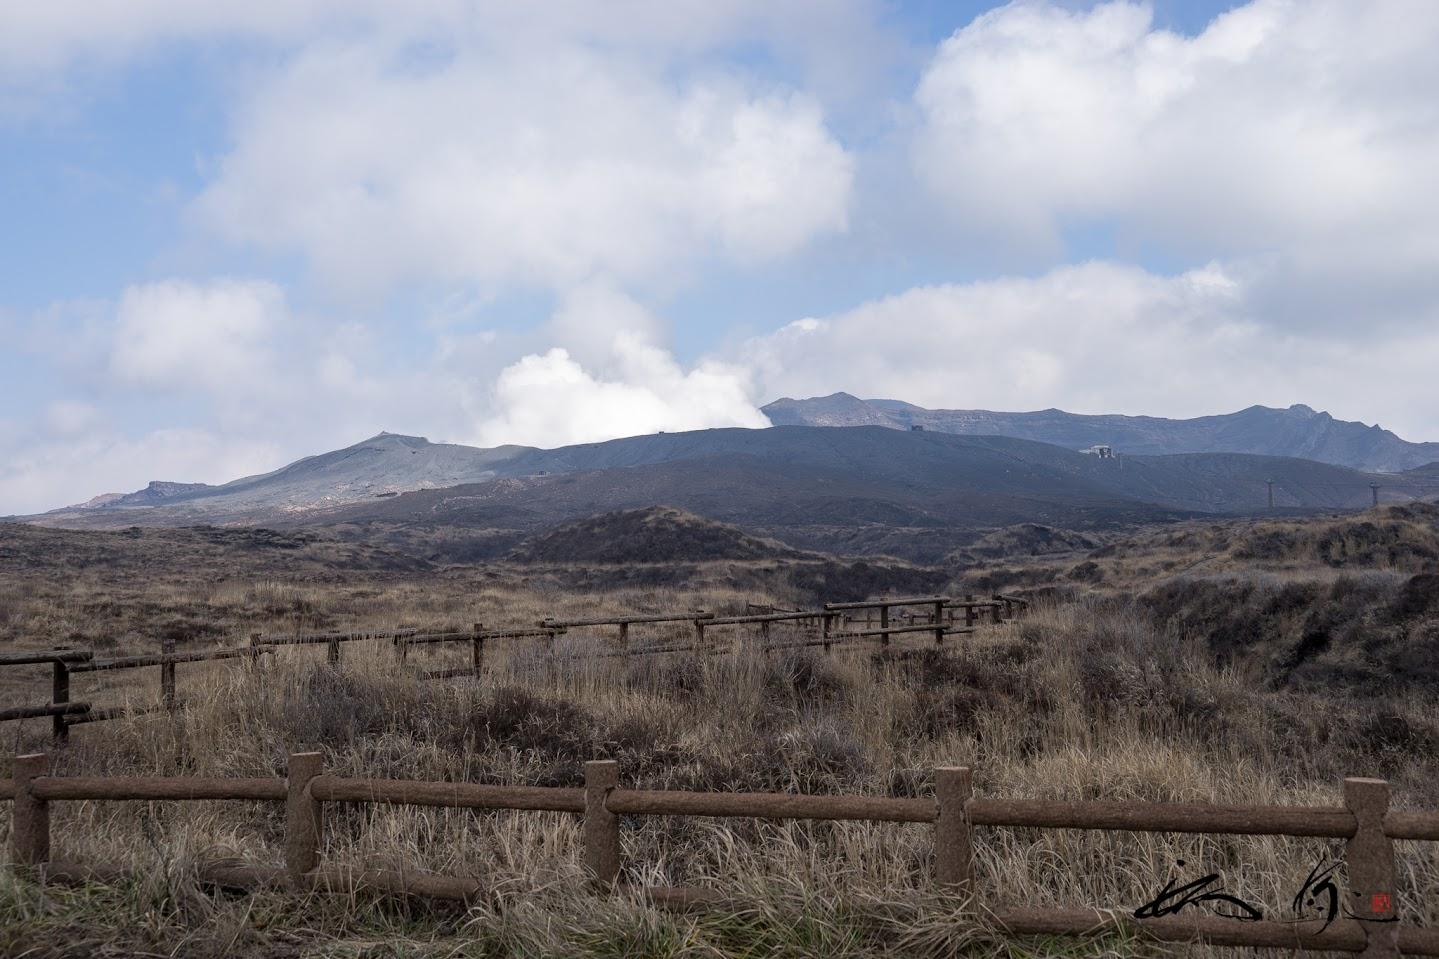 阿蘇山火口から上る煙